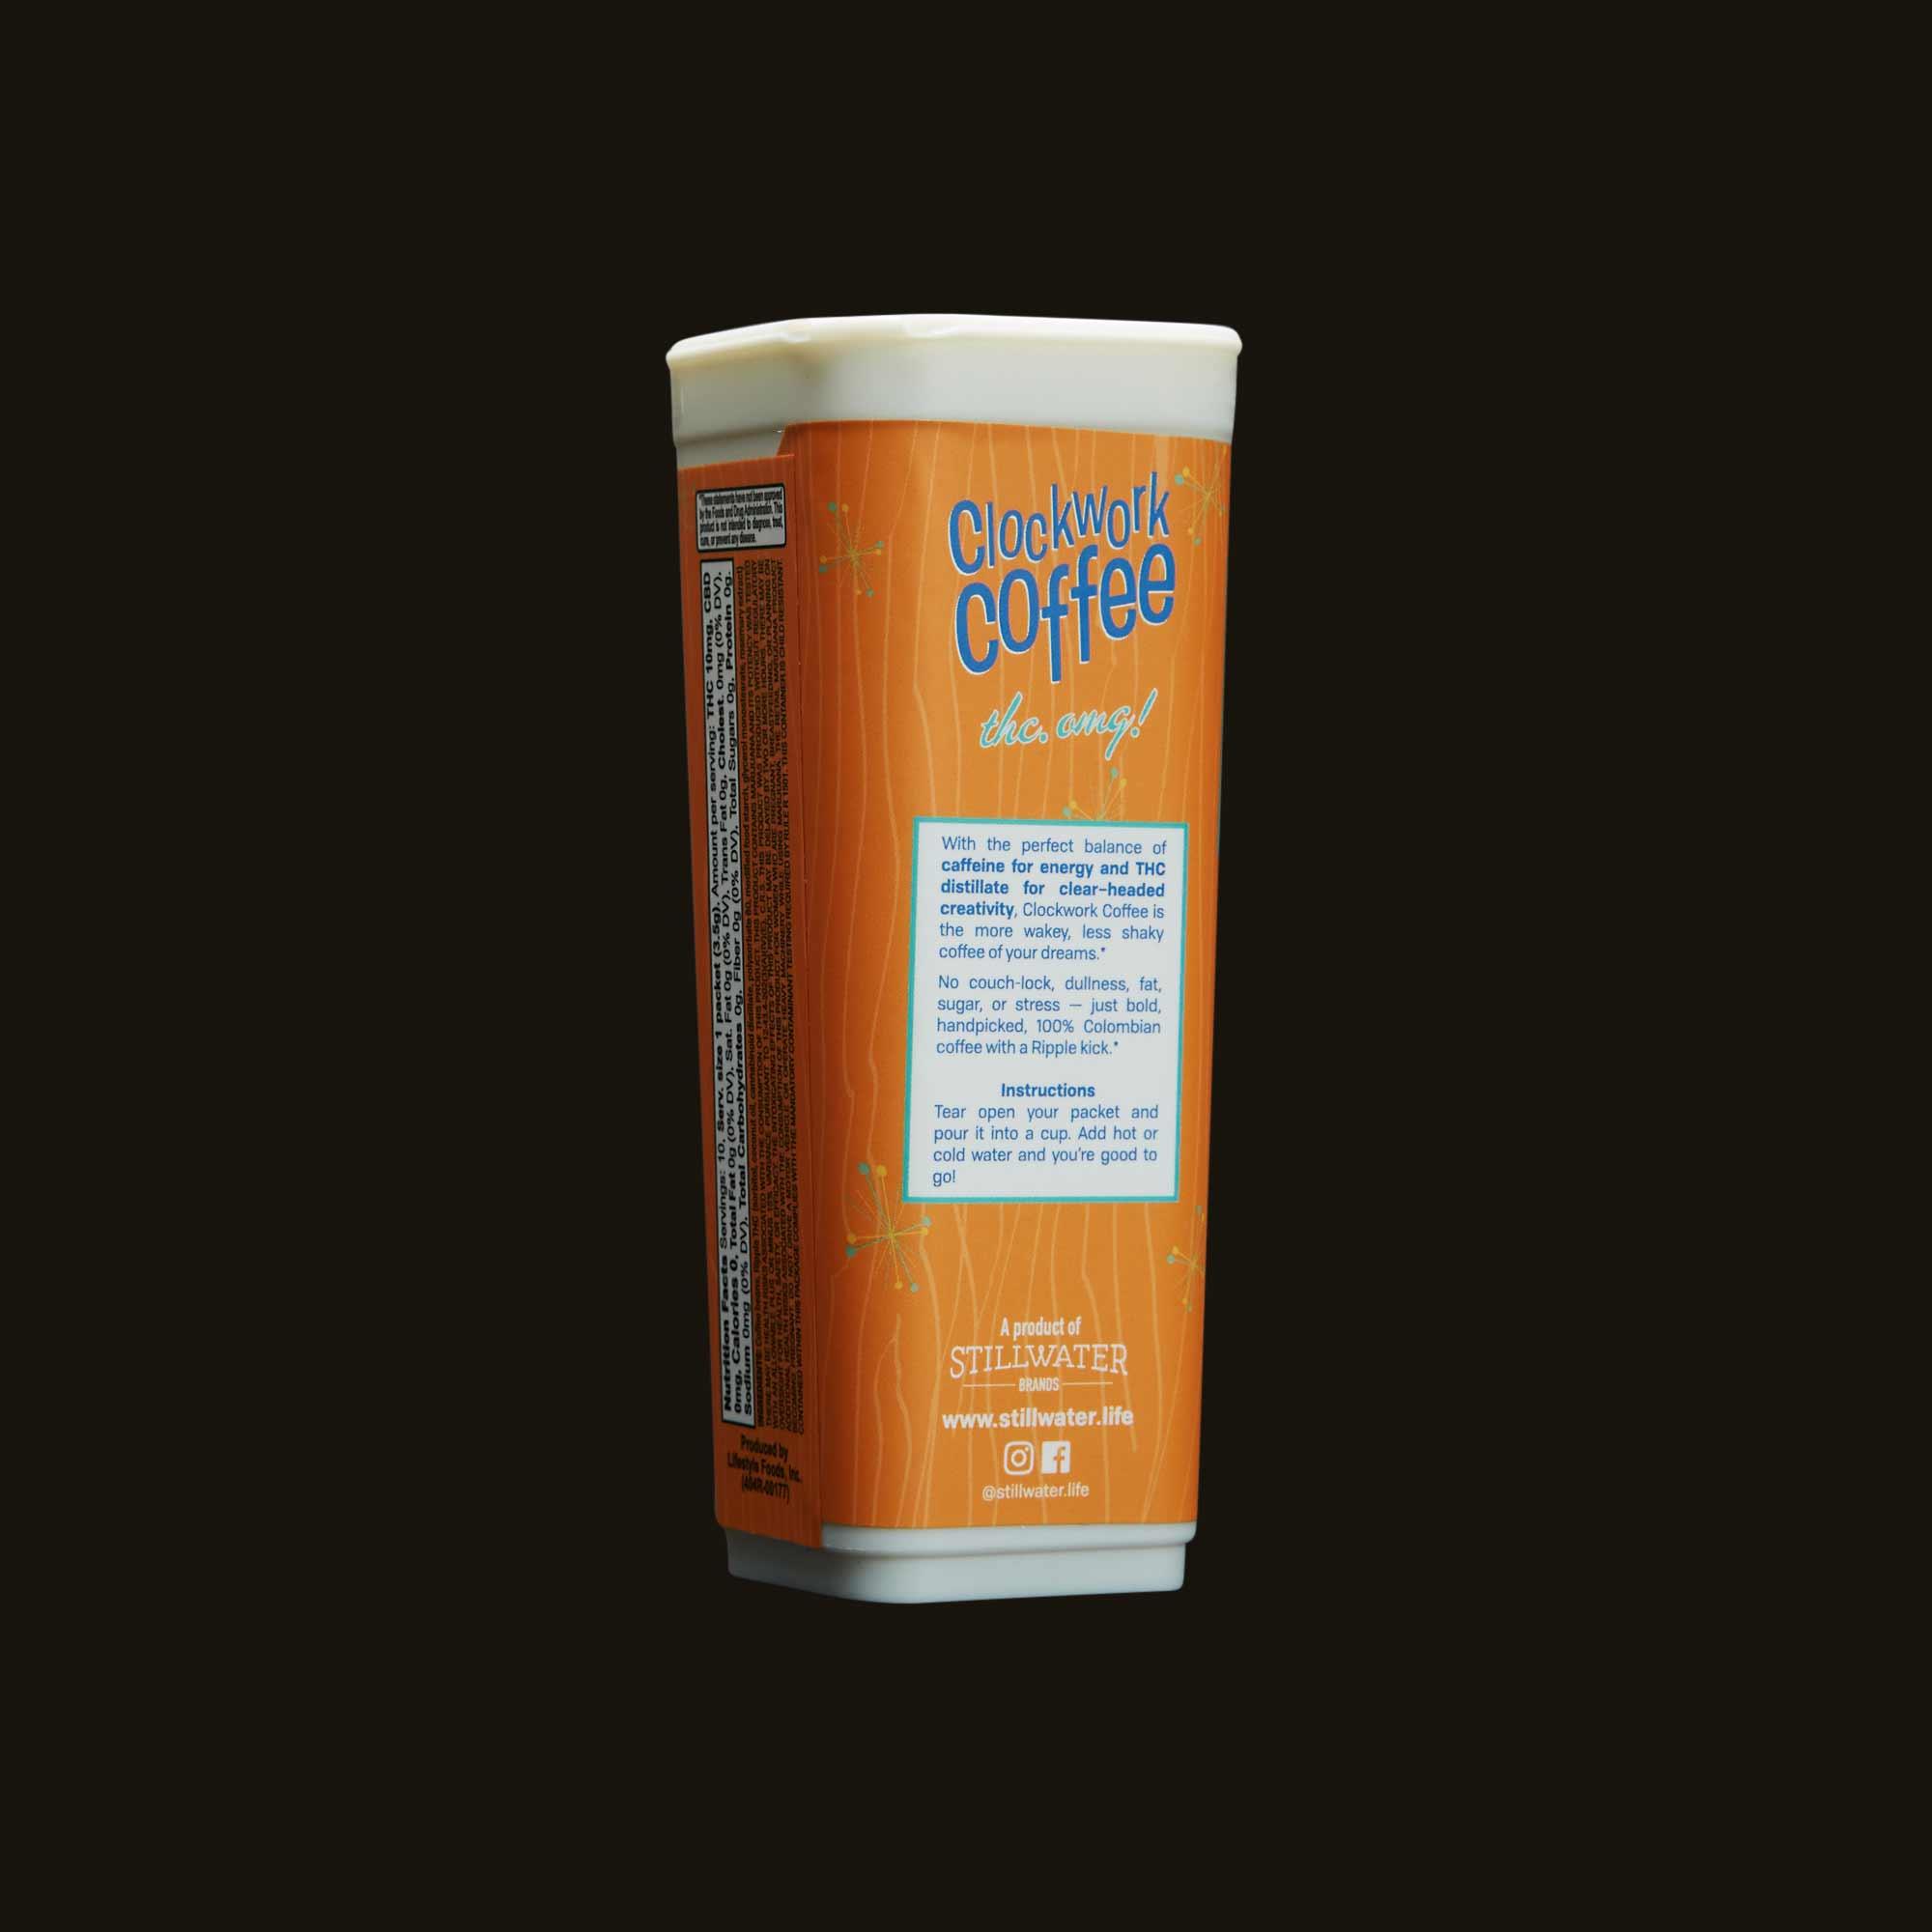 Stillwater Clockwork Coffee Pure 10